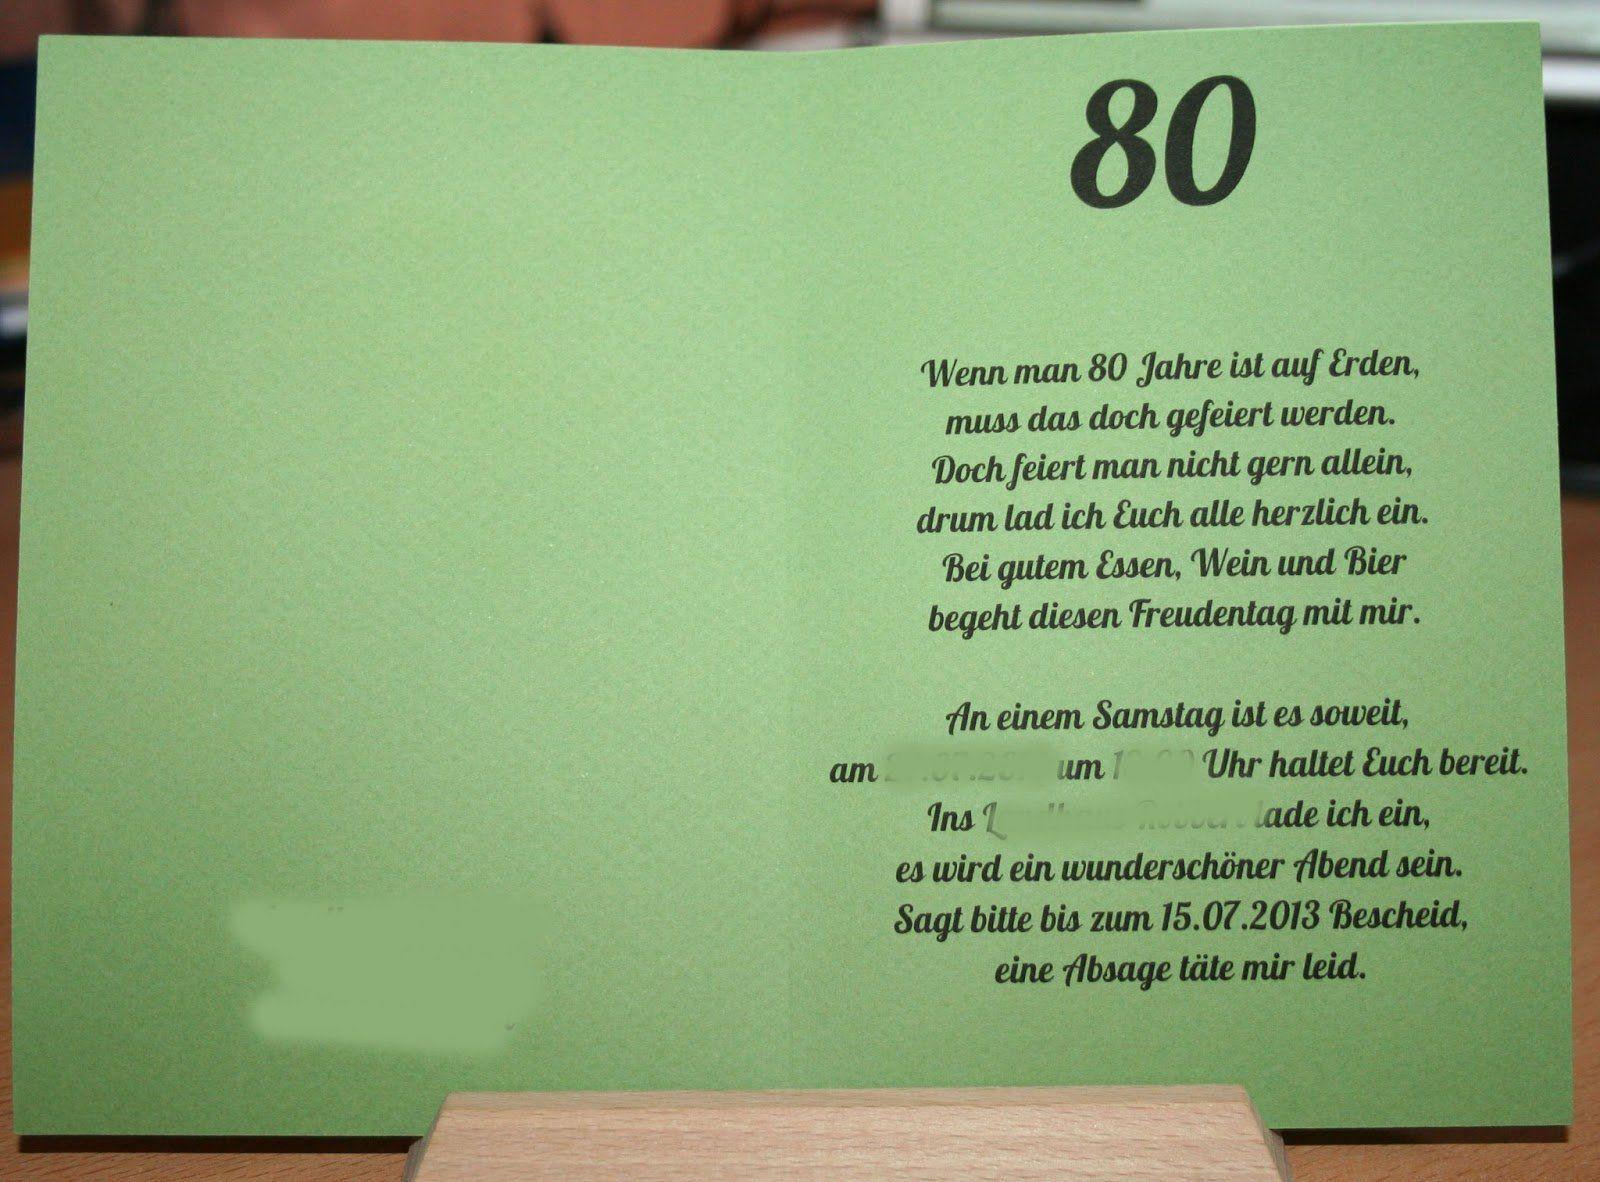 Einladung Zum 80 Geburtstag Texte 80 Geburtstag Text Fur